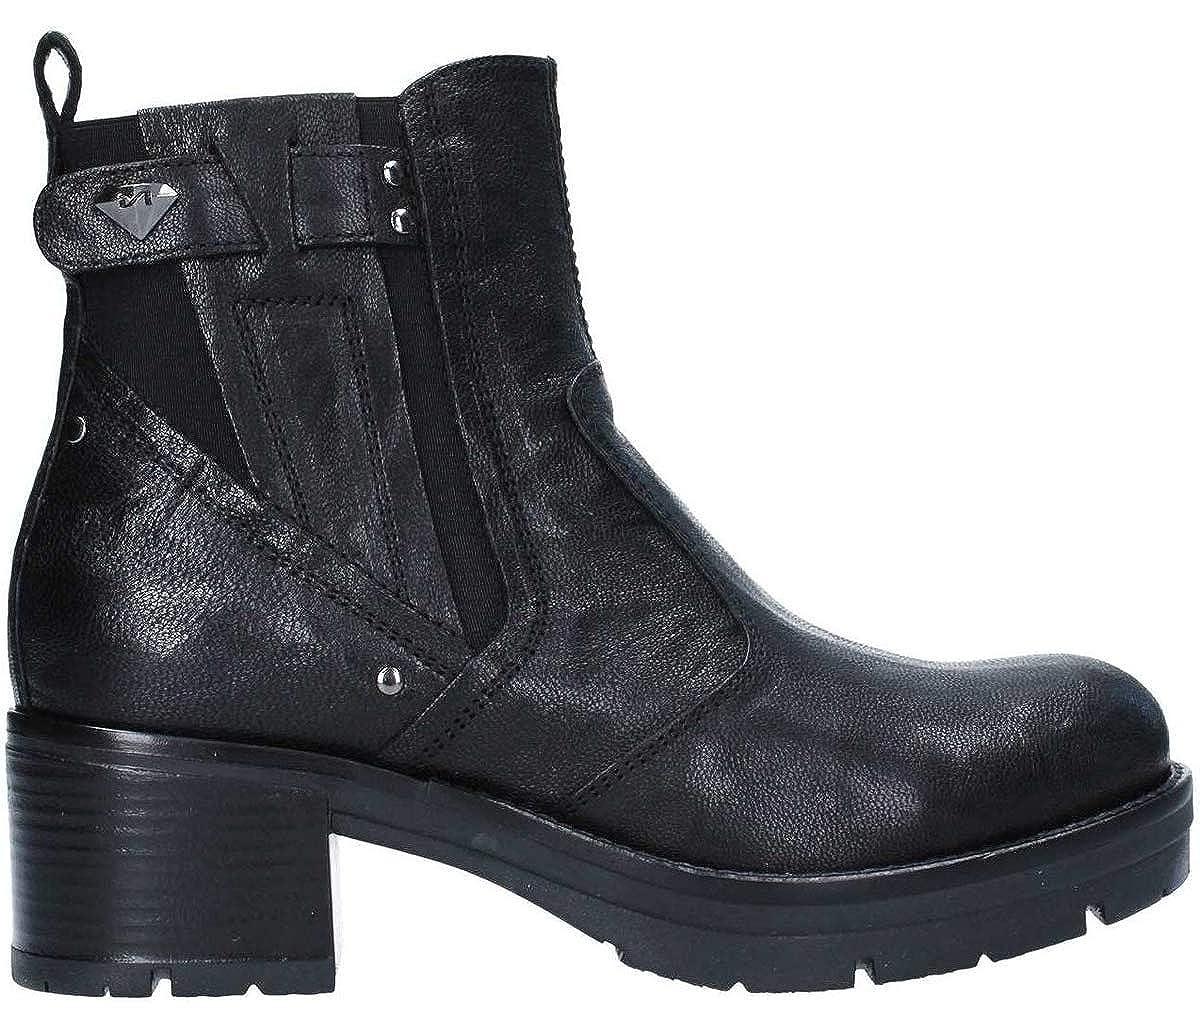 schwarz schwarz schwarz Giardini schuhe damen Stiefel Pelle nera A807129D 100  67b871